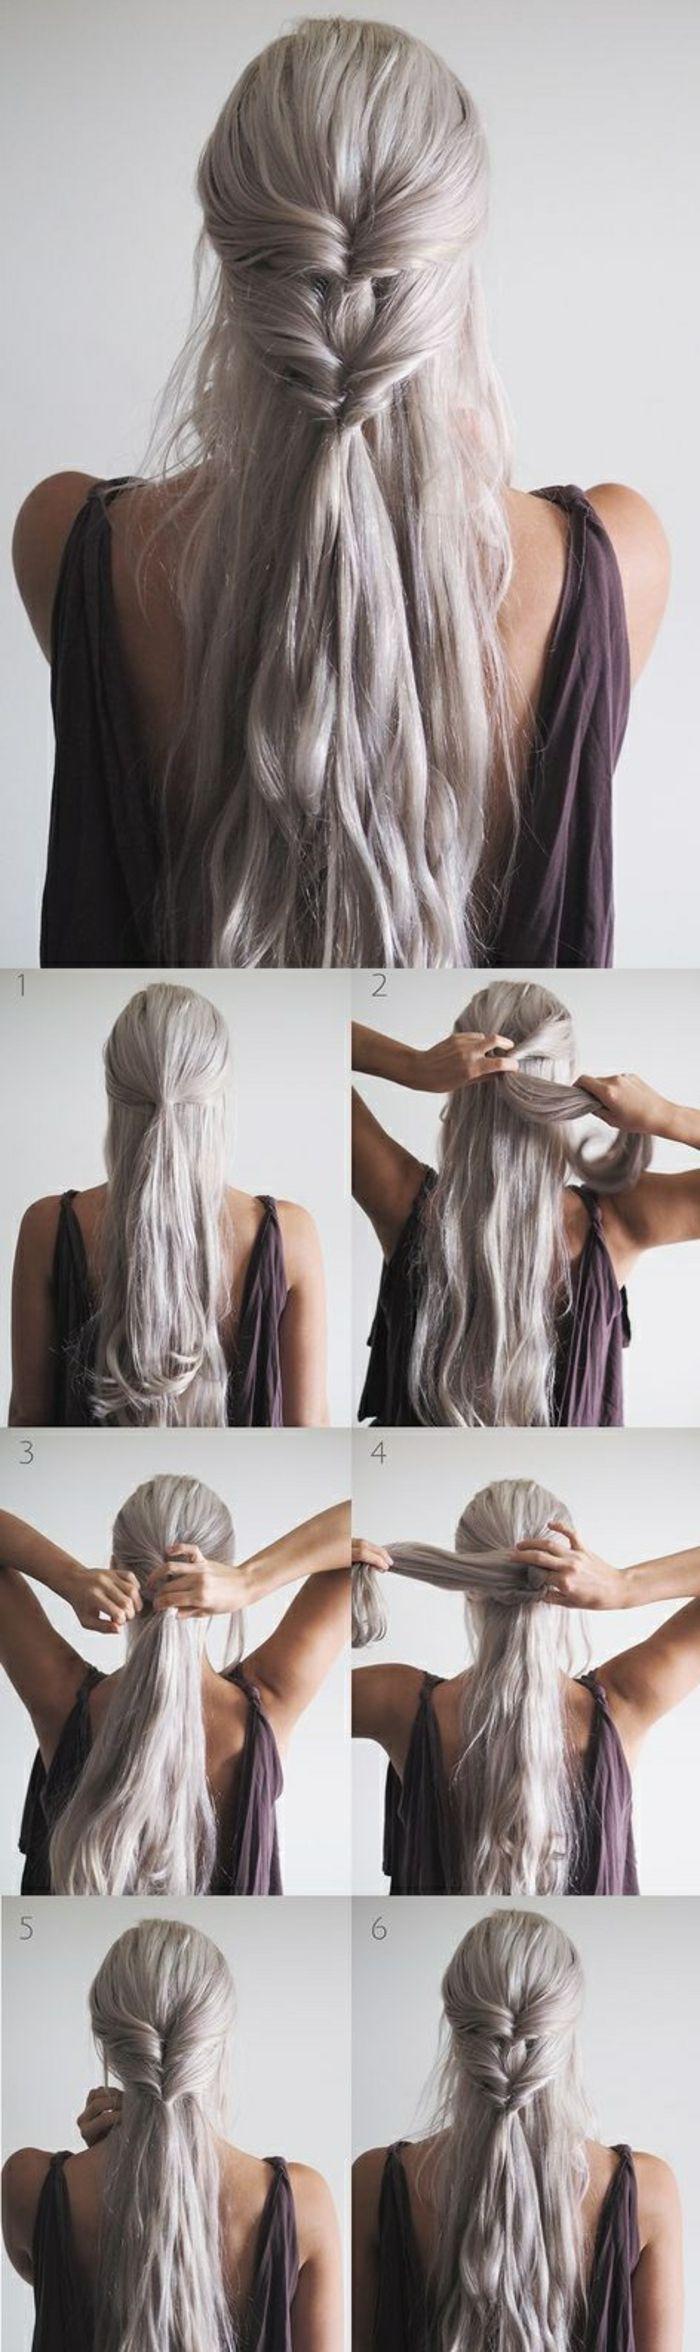 lange, graue haare, braunes kleid, schöne flechtfrisur mit zopf